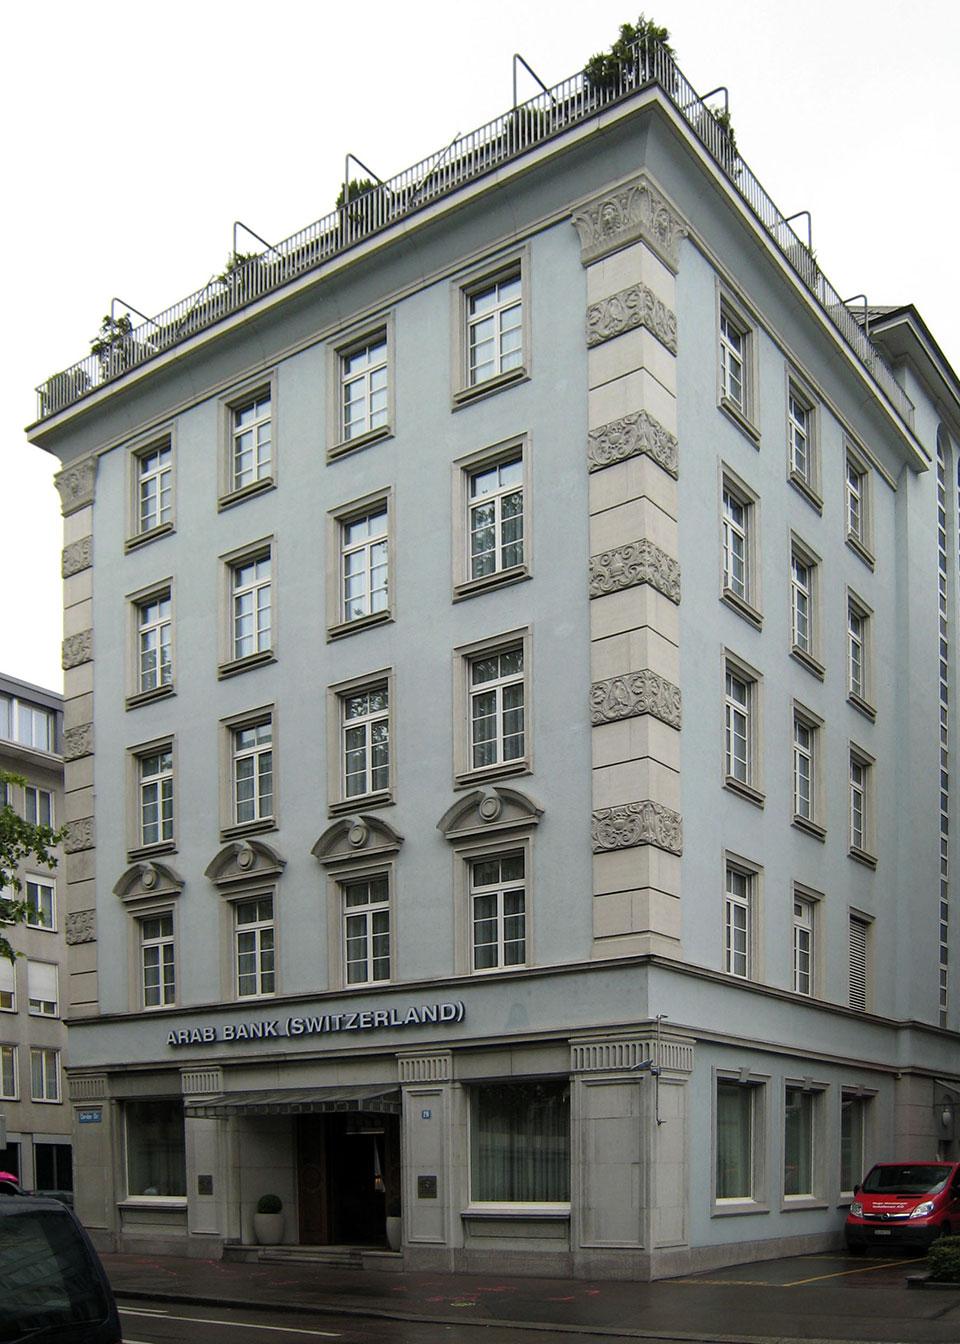 בתמונה: סניף של הבנק הערבי בשוויץ (צילום: ויקימדיה)